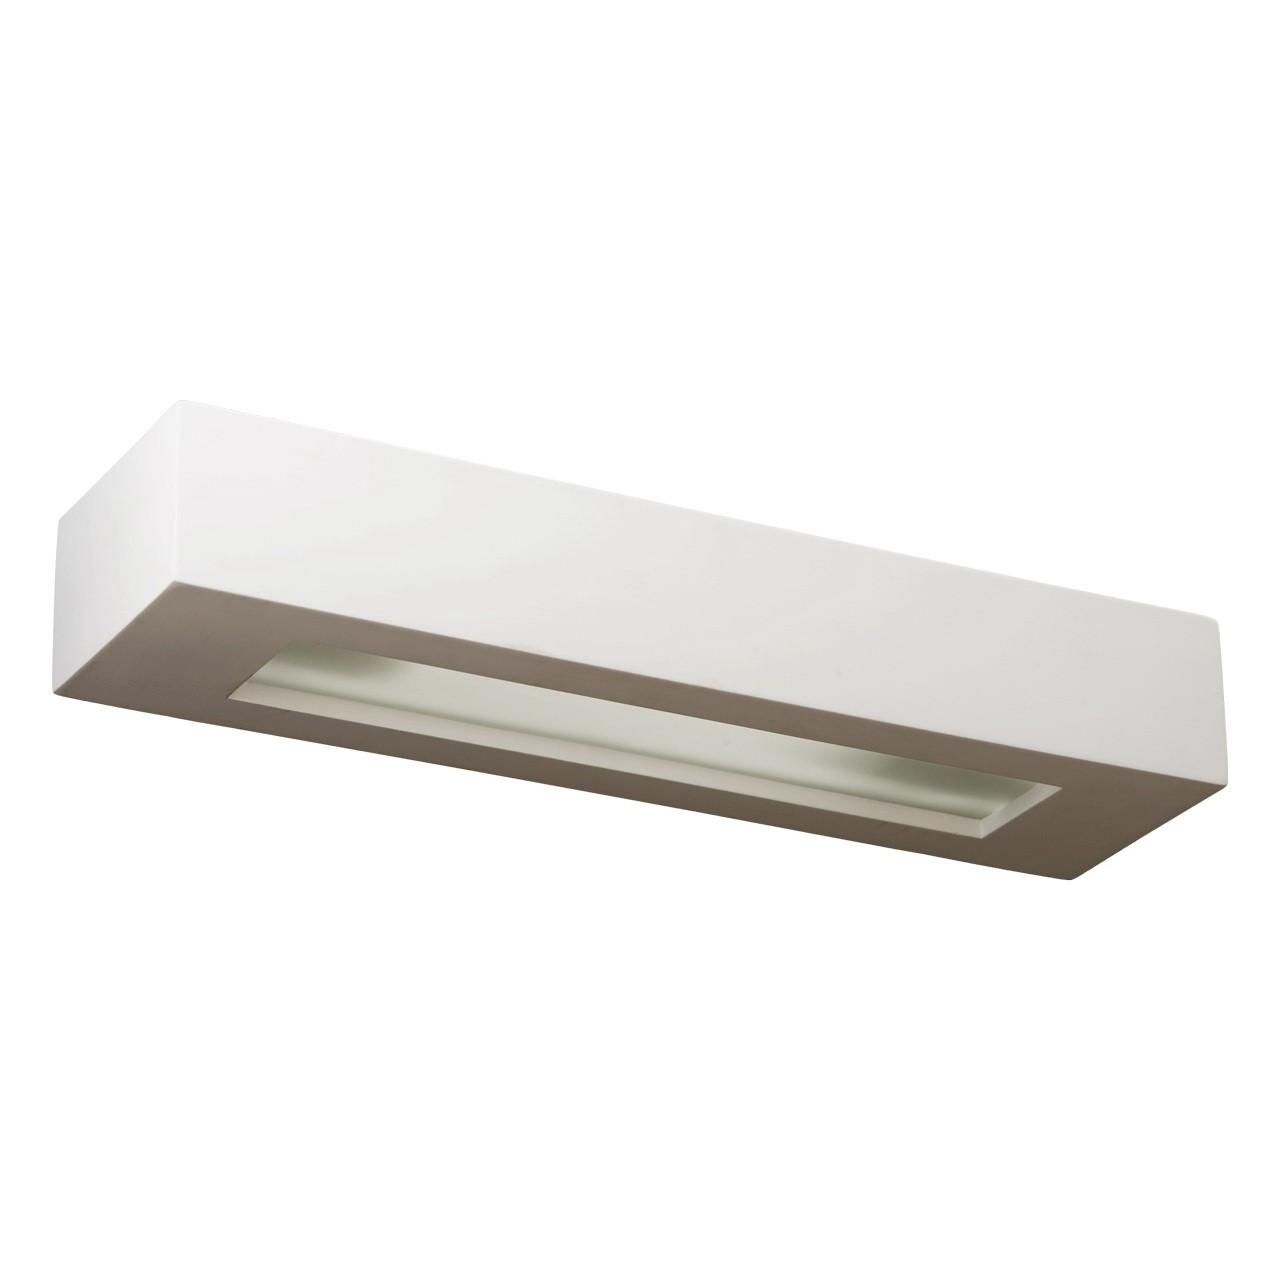 Бра Mw lightНастенные светильники и бра<br>Тип: бра,<br>Назначение светильника: для комнаты,<br>Стиль светильника: модерн,<br>Материал светильника: гипс,<br>Тип лампы: накаливания,<br>Количество ламп: 2,<br>Мощность: 40,<br>Патрон: Е14,<br>Цвет арматуры: белый,<br>Длина (мм): 100,<br>Ширина: 360,<br>Высота: 60,<br>Коллекция: Барут<br>